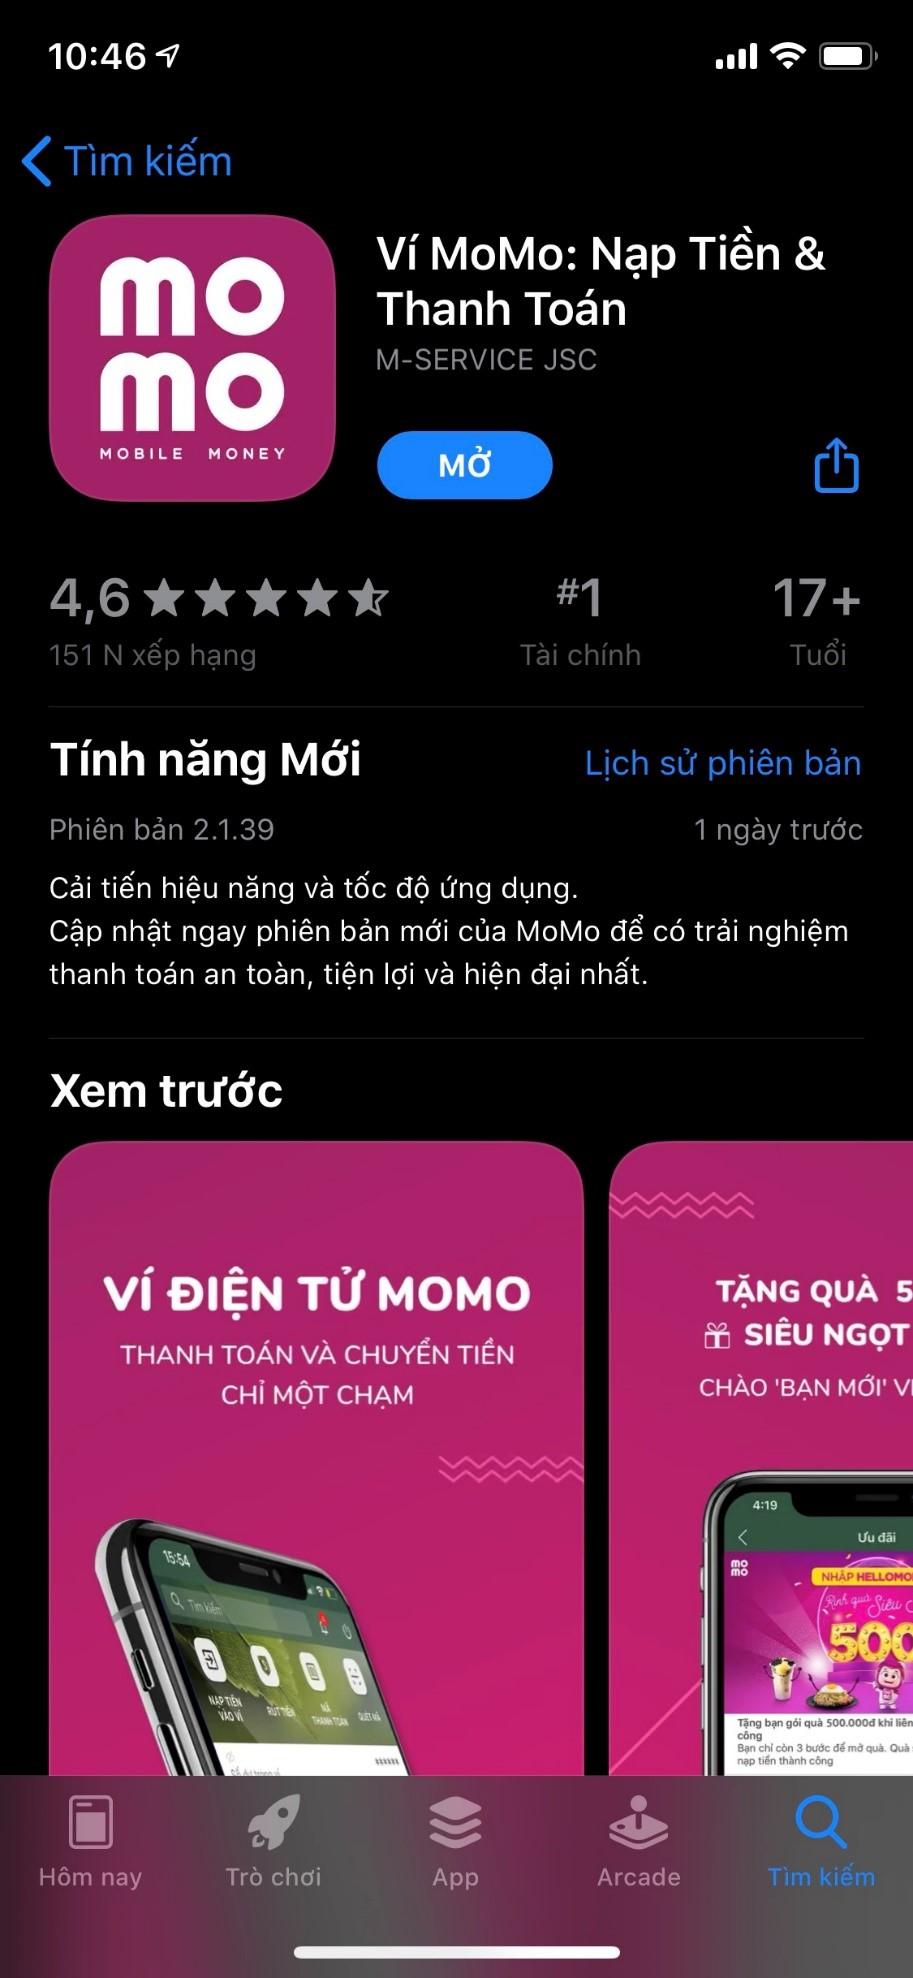 Hướng Dẫn Đăng Ký & Sử Dụng Ví Momo - Tặng Ngay 300K Trong Tài Khoản